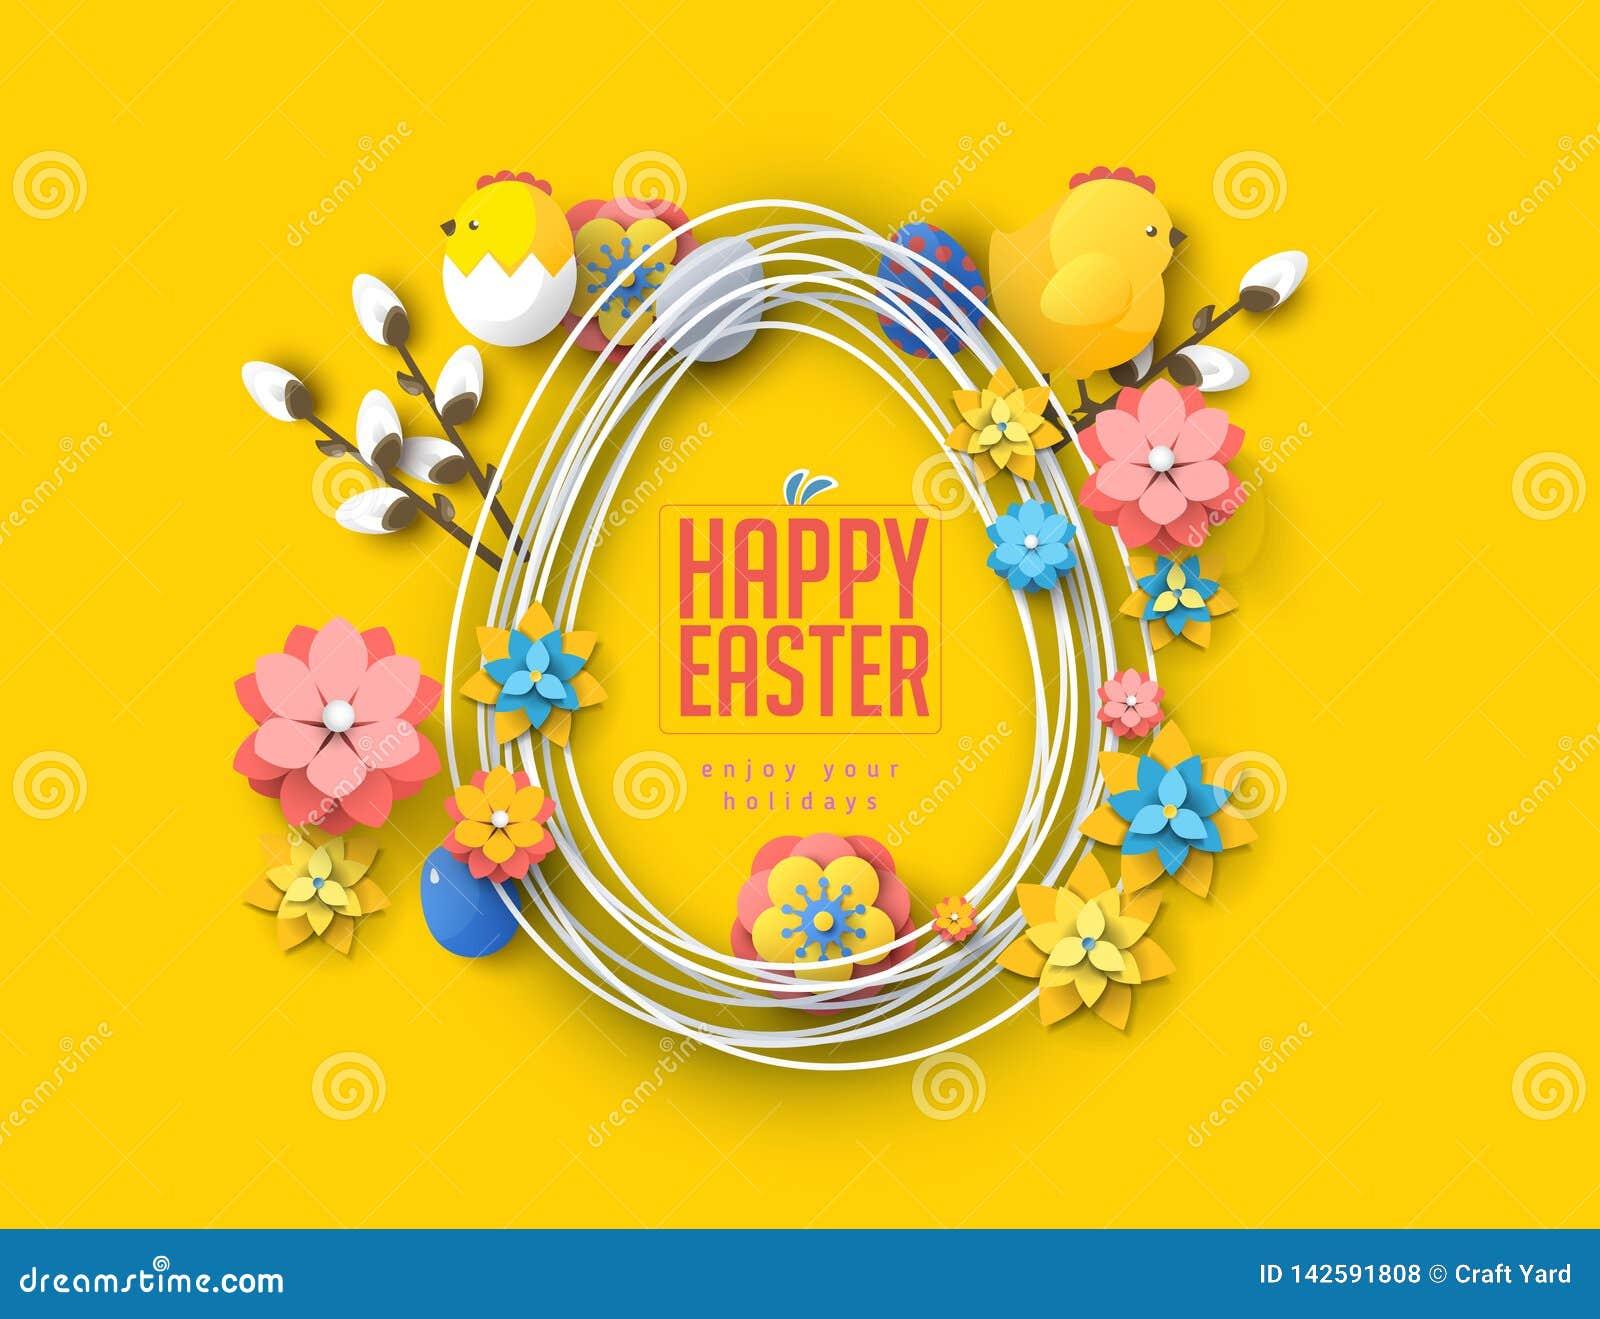 Pasen-van de vlieger kleurrijke eieren van de conceptenbanner het konijn abstracte textuur als achtergrond